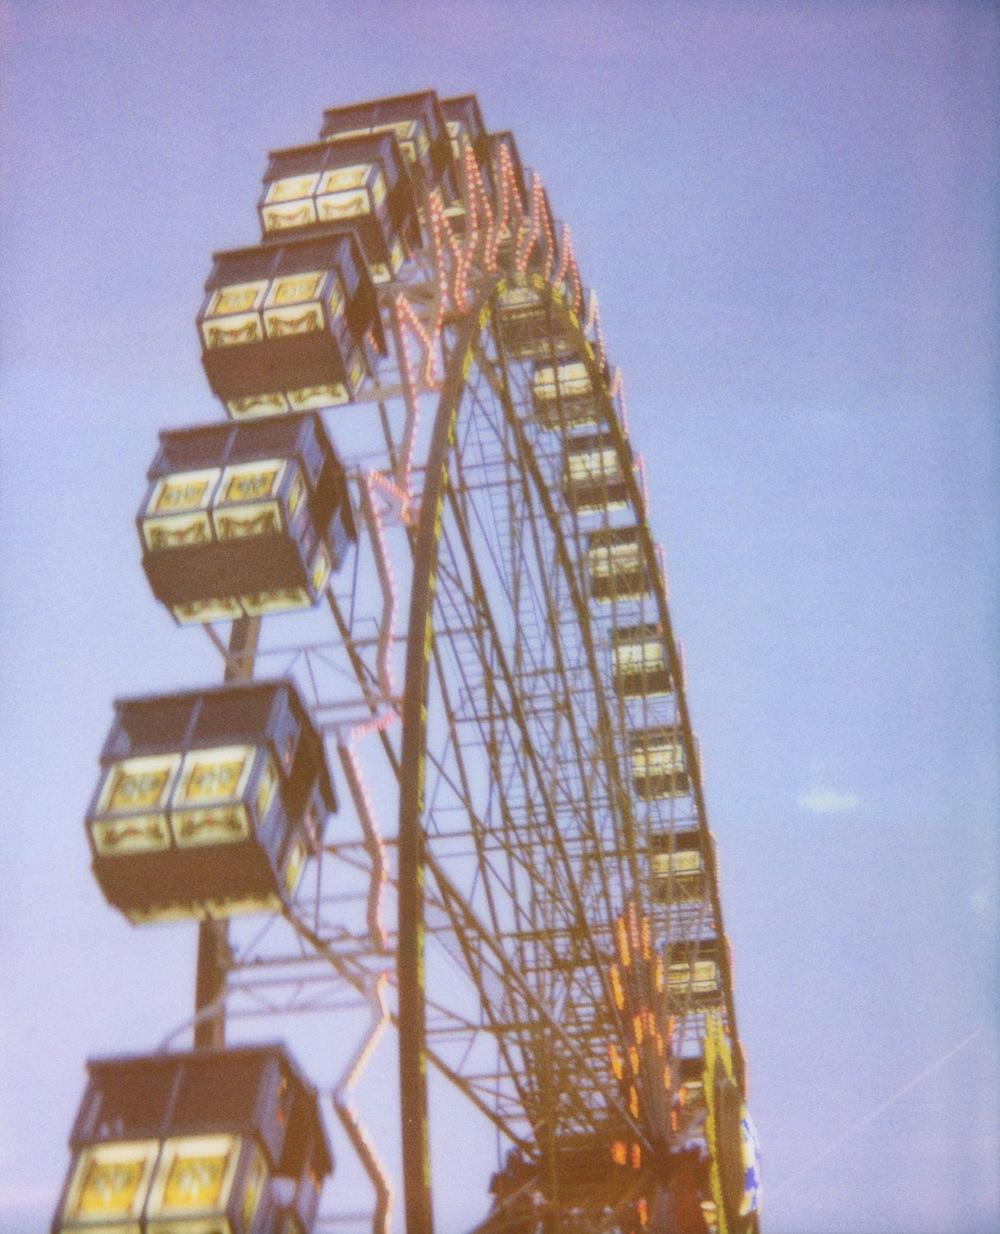 Riesenrad III